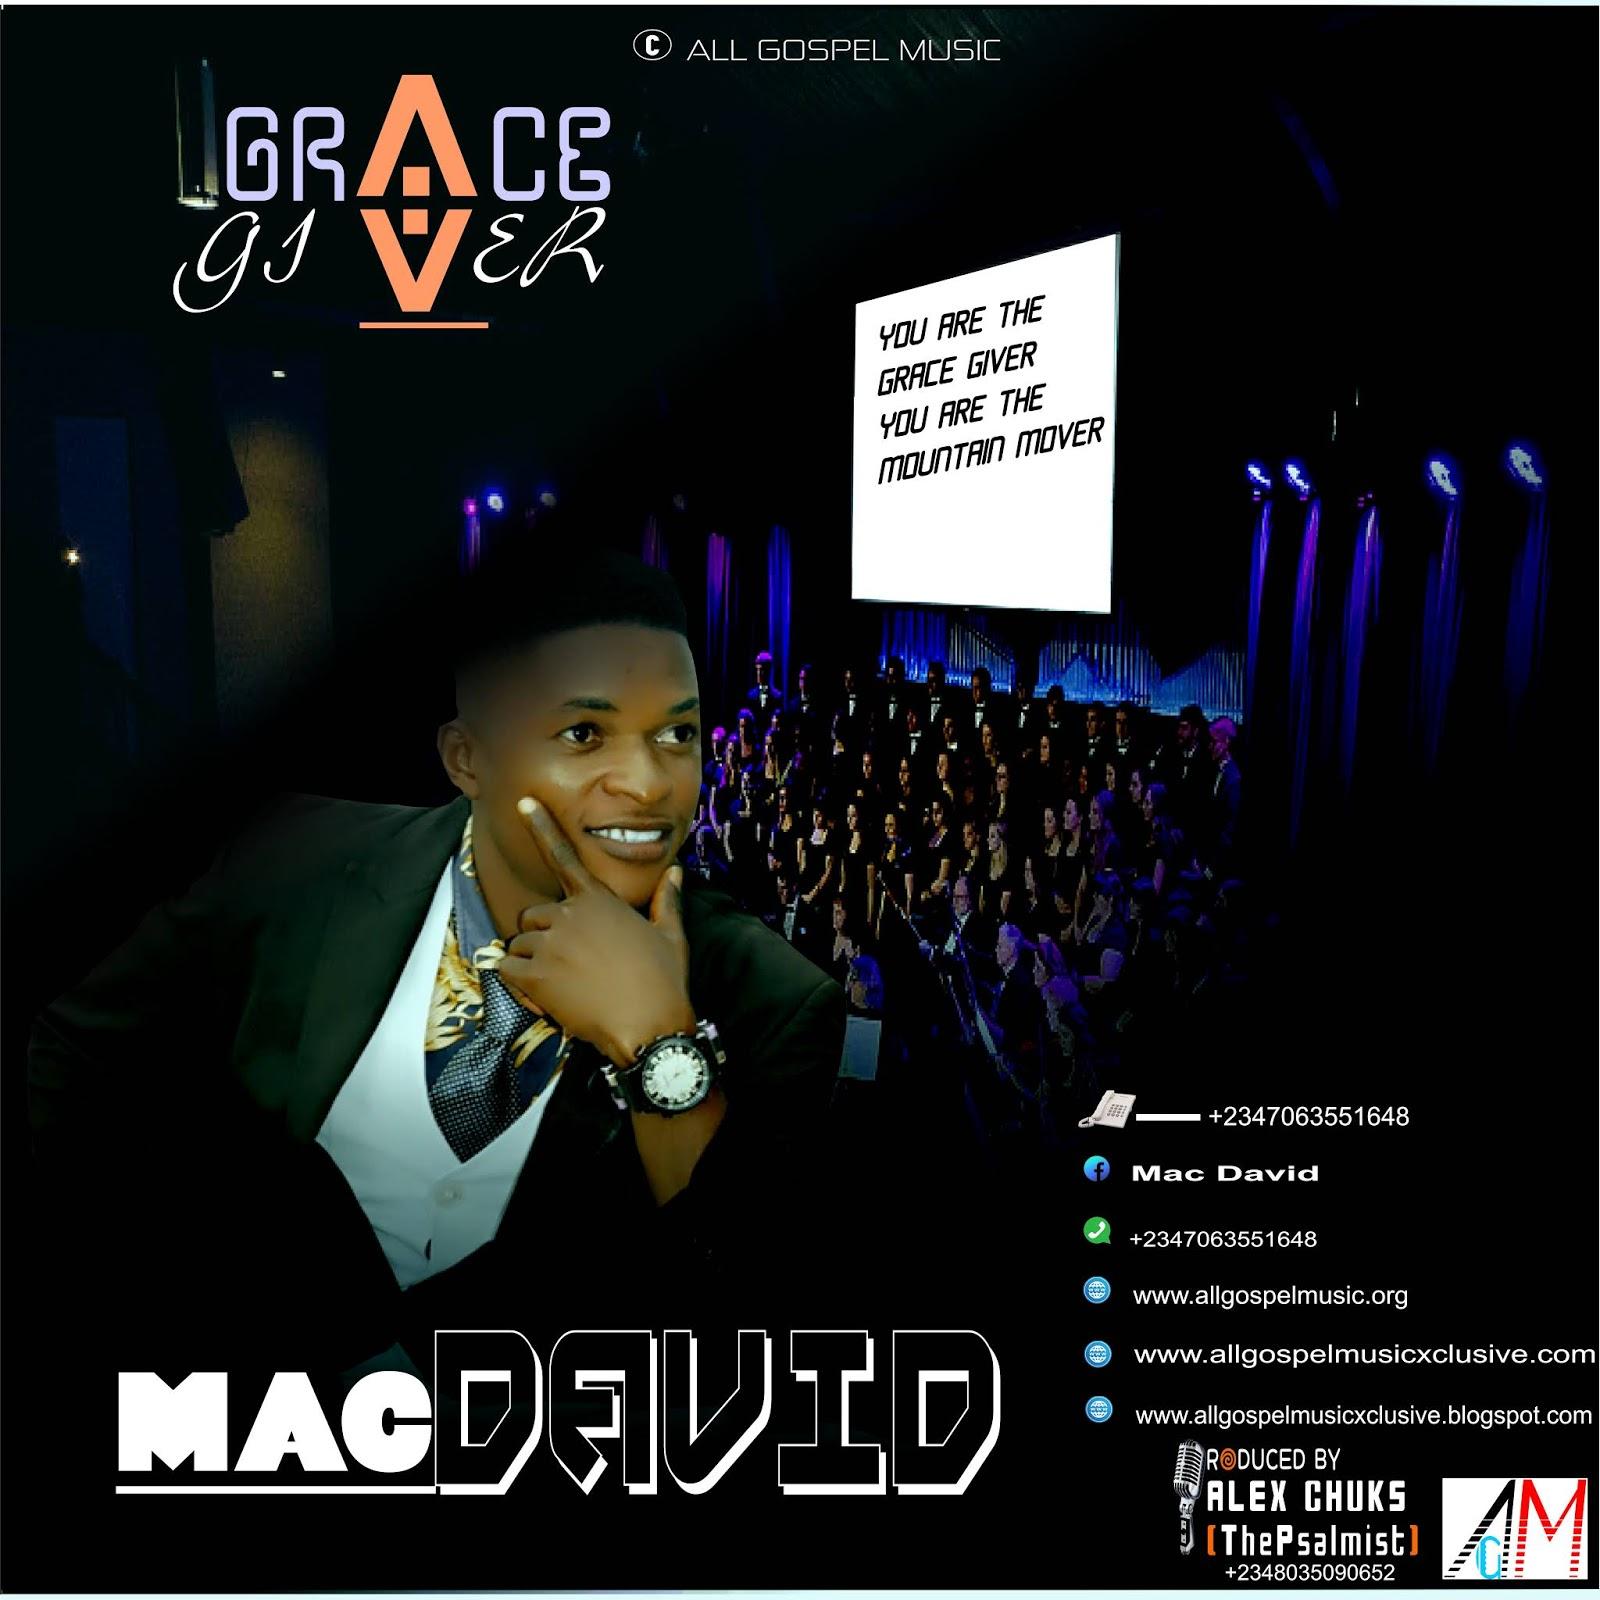 Allgospelmusicxclusive com: Download GRACE GIVER by MAC DAVID